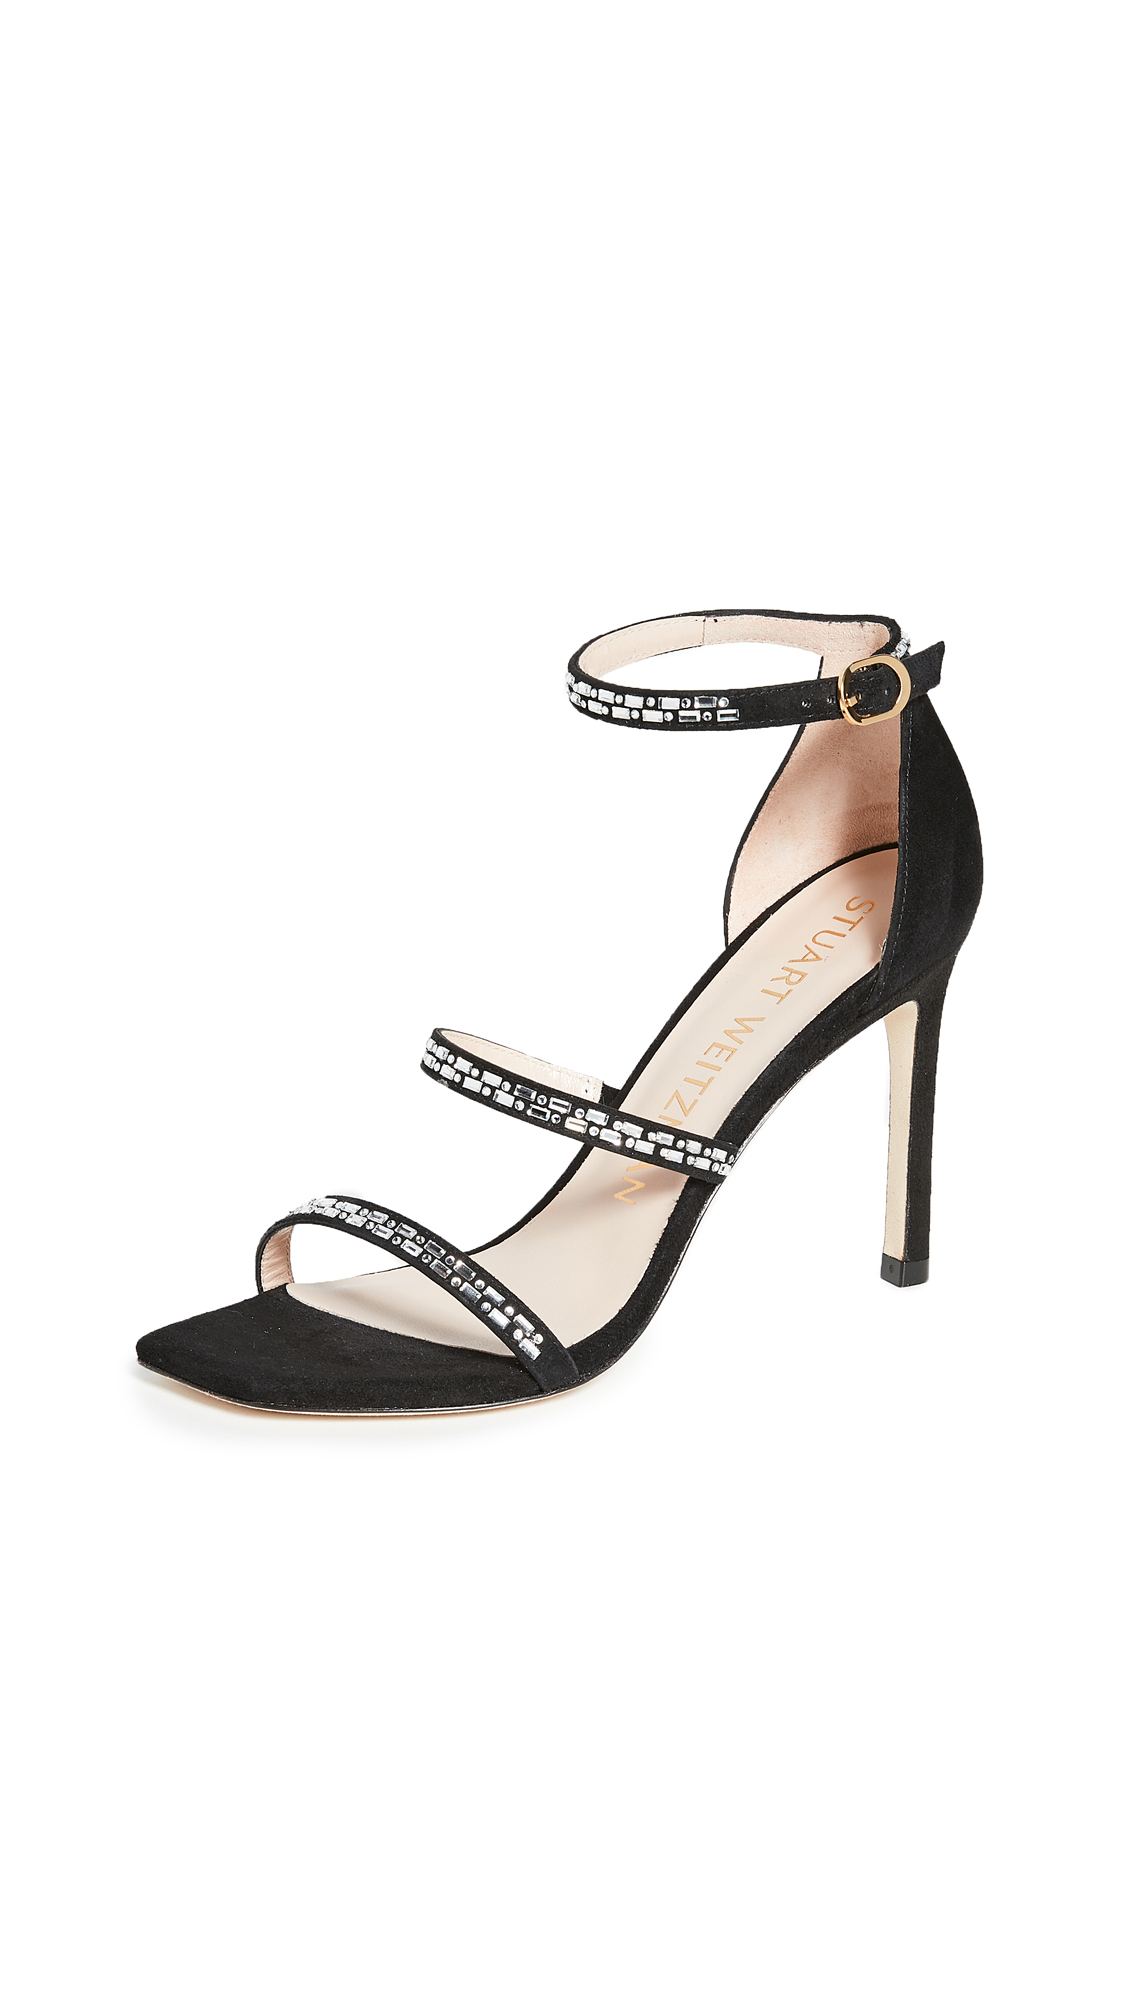 Stuart Weitzman Sabrine Sandals - Black